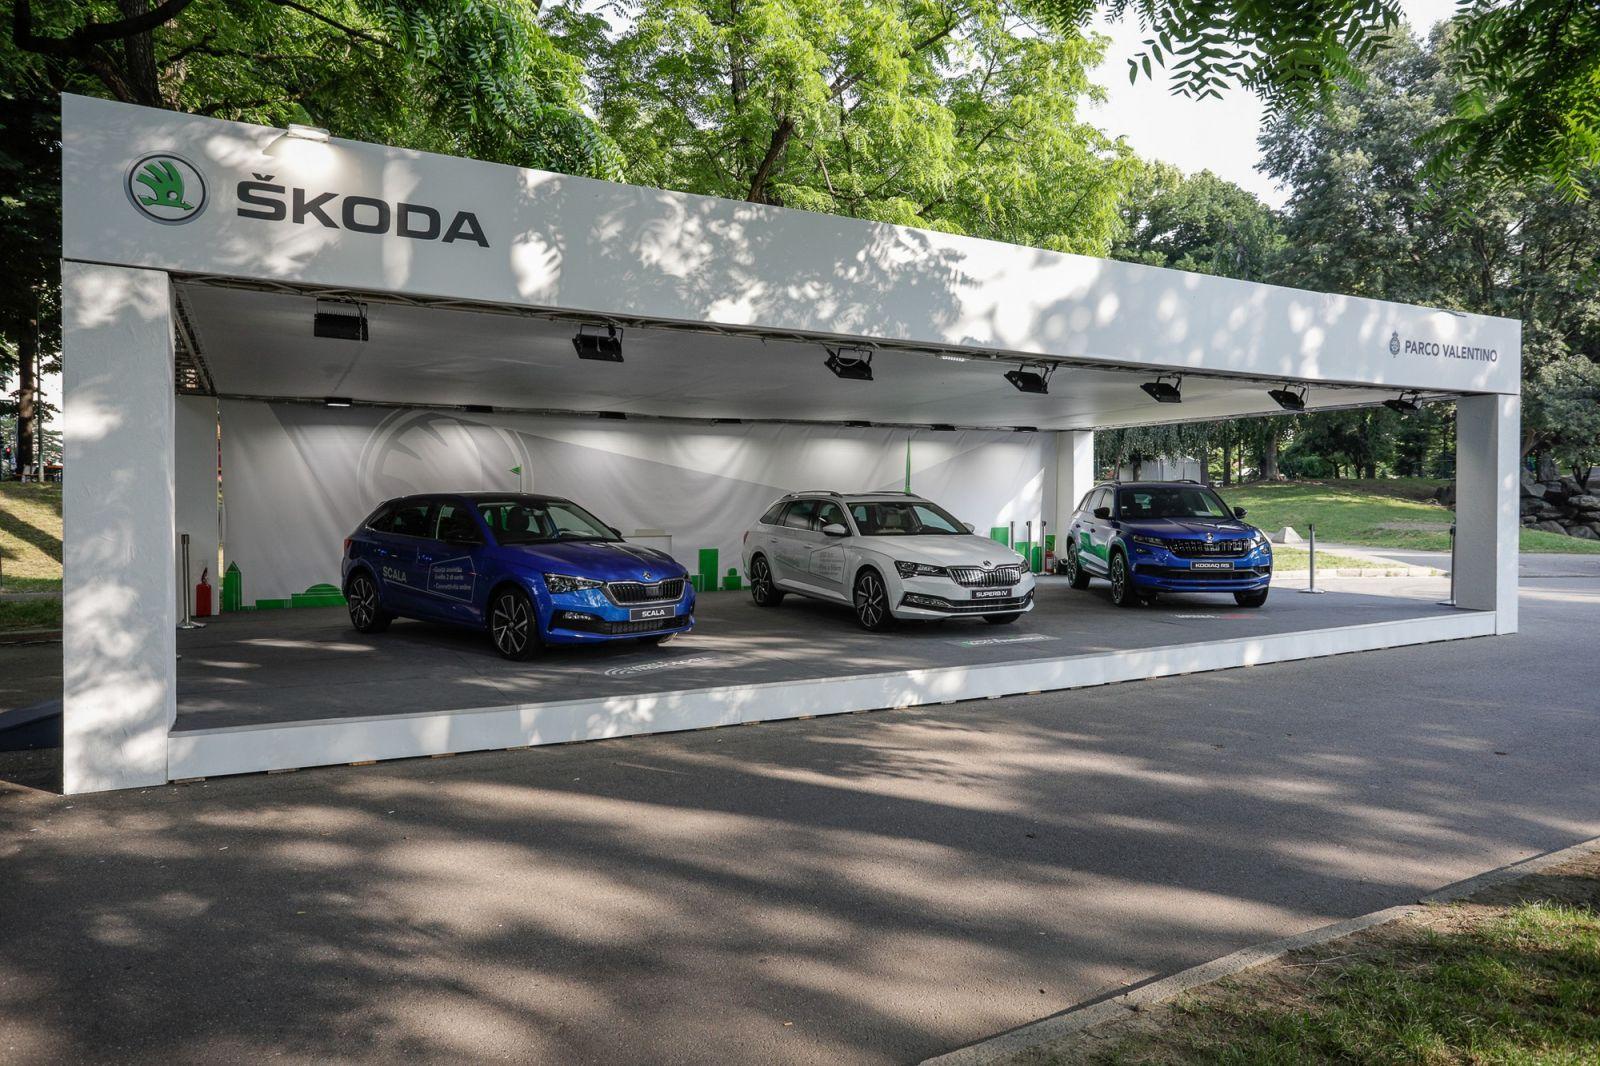 Il Milano Monza Motor Show grande feste dedicata ai motori riparte e avrà come protagonista le vie di Milano e il circuito di Monza.